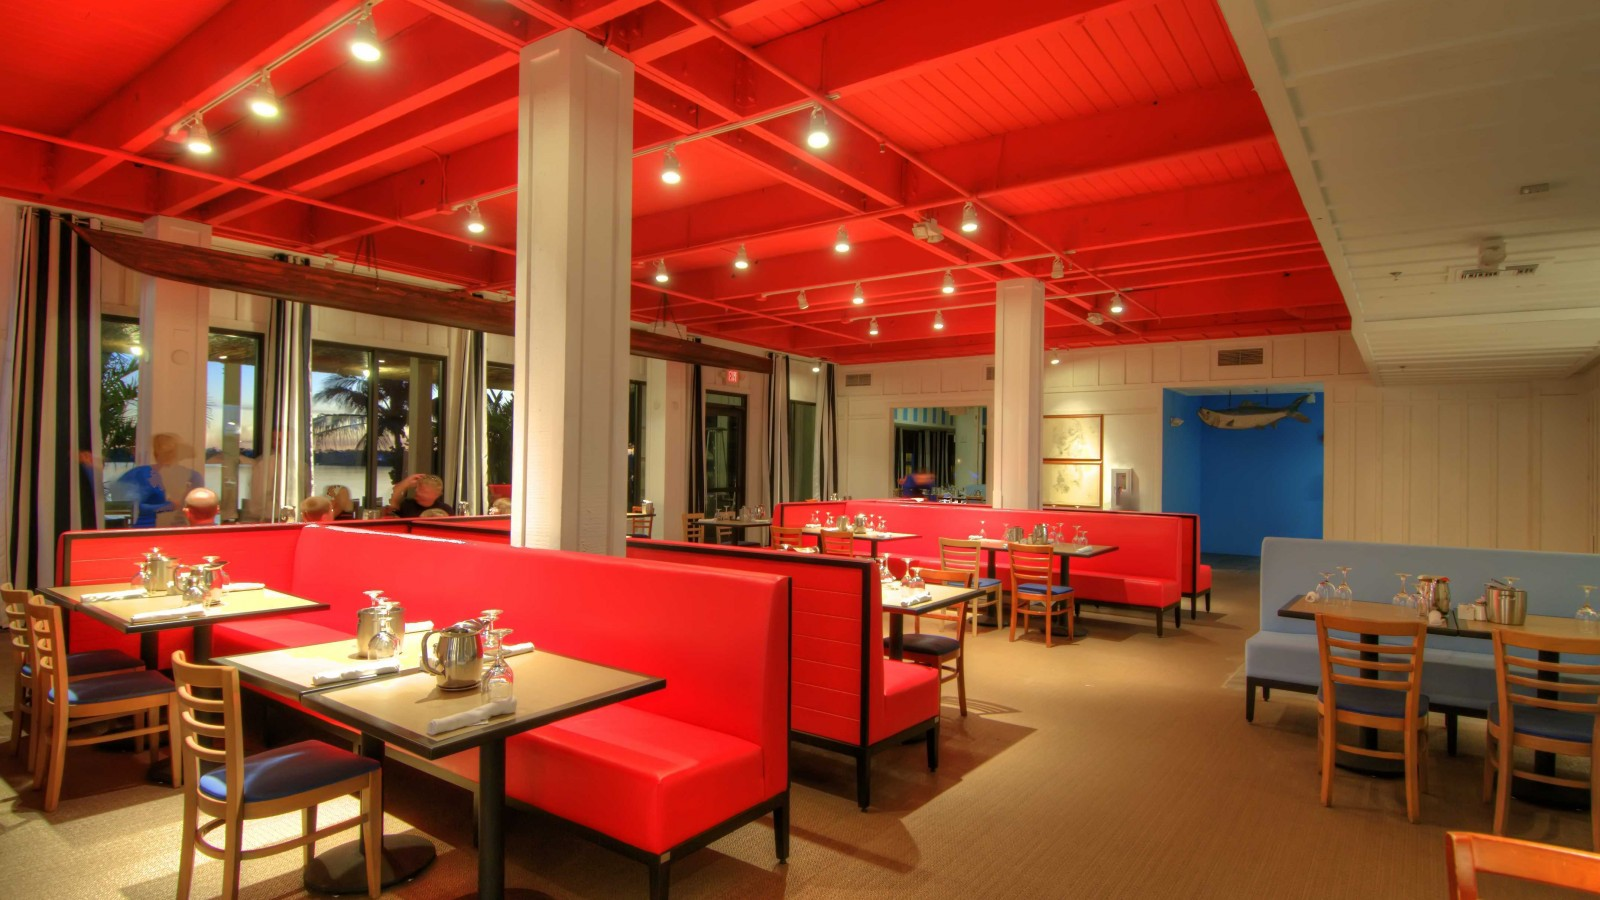 Dizayn-kafe-----s-chego-nachat-i-kak-sdelat-svoimi-rukami 6